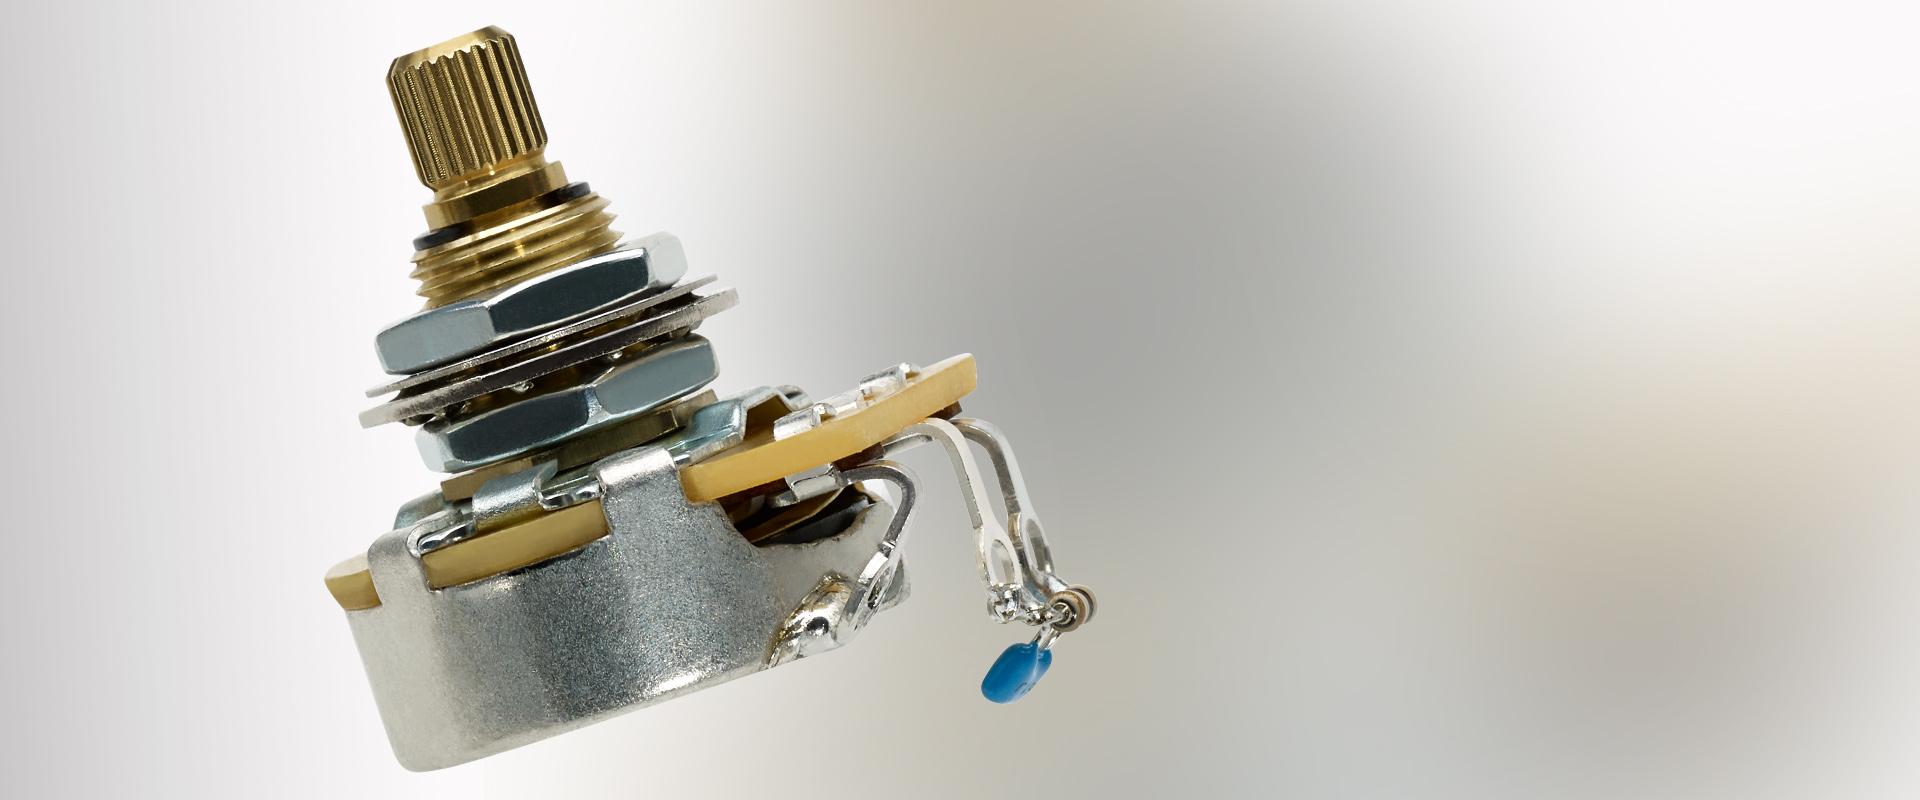 Coming Soon: DiMarzio Hardware